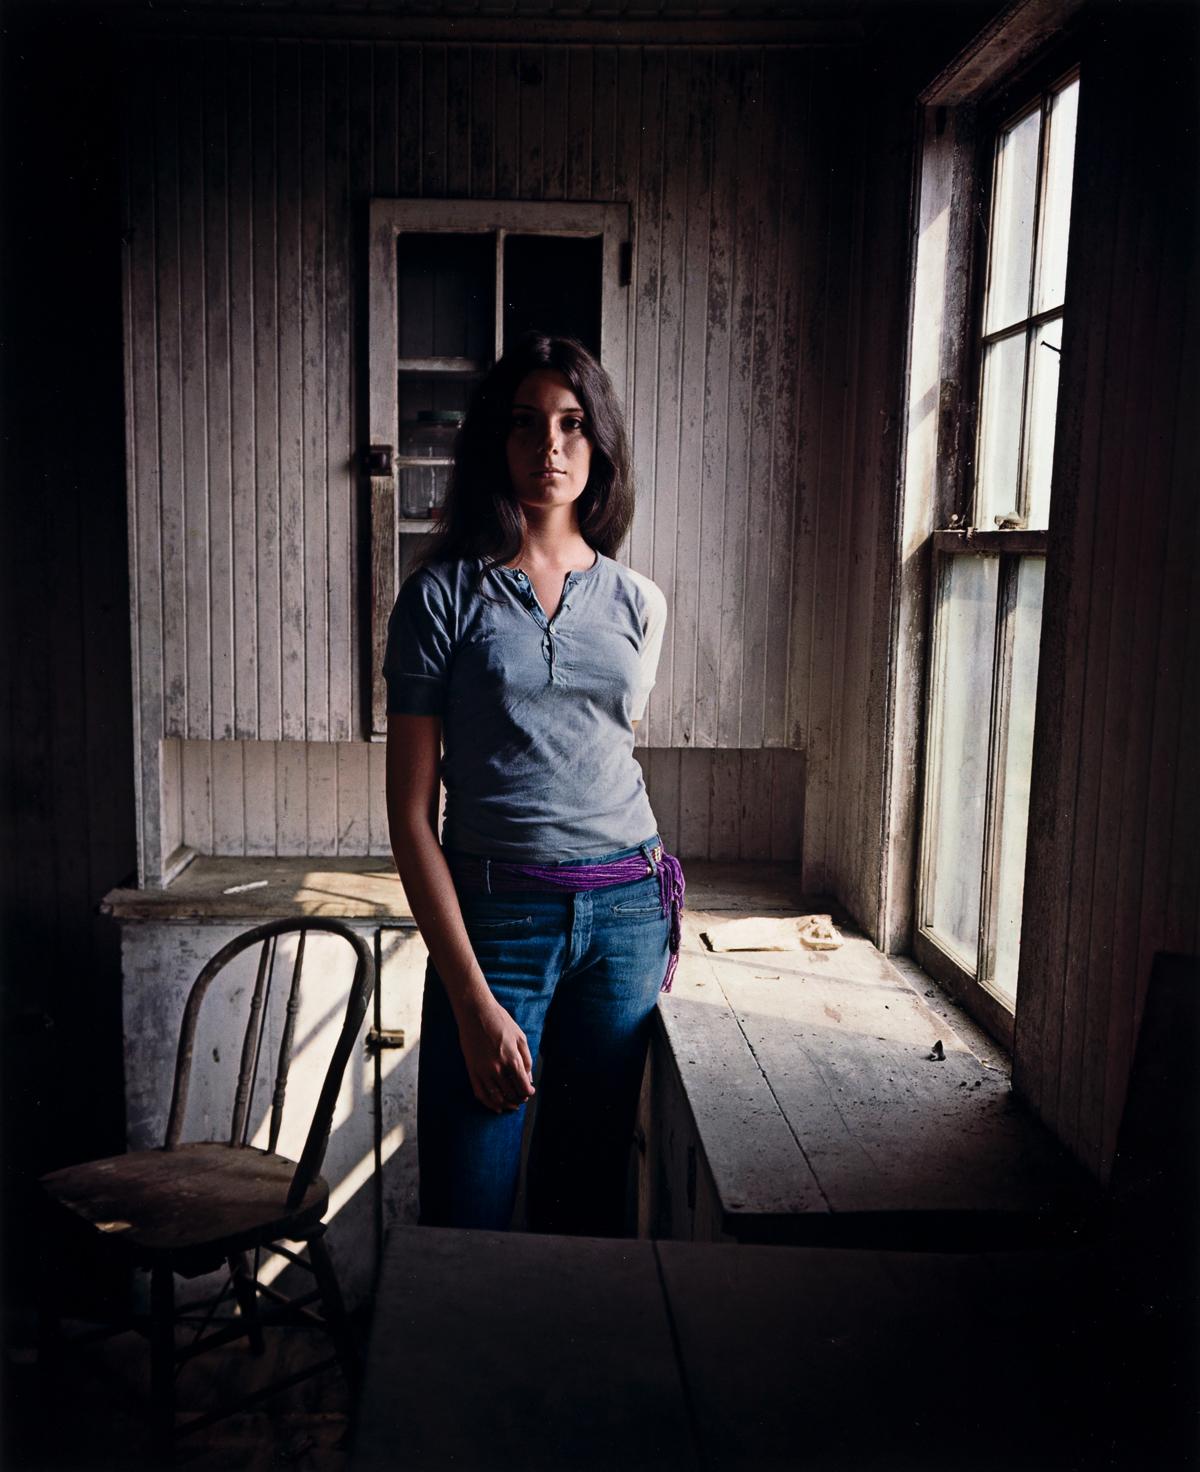 EVELYN HOFER (1922-2009) Isabella.